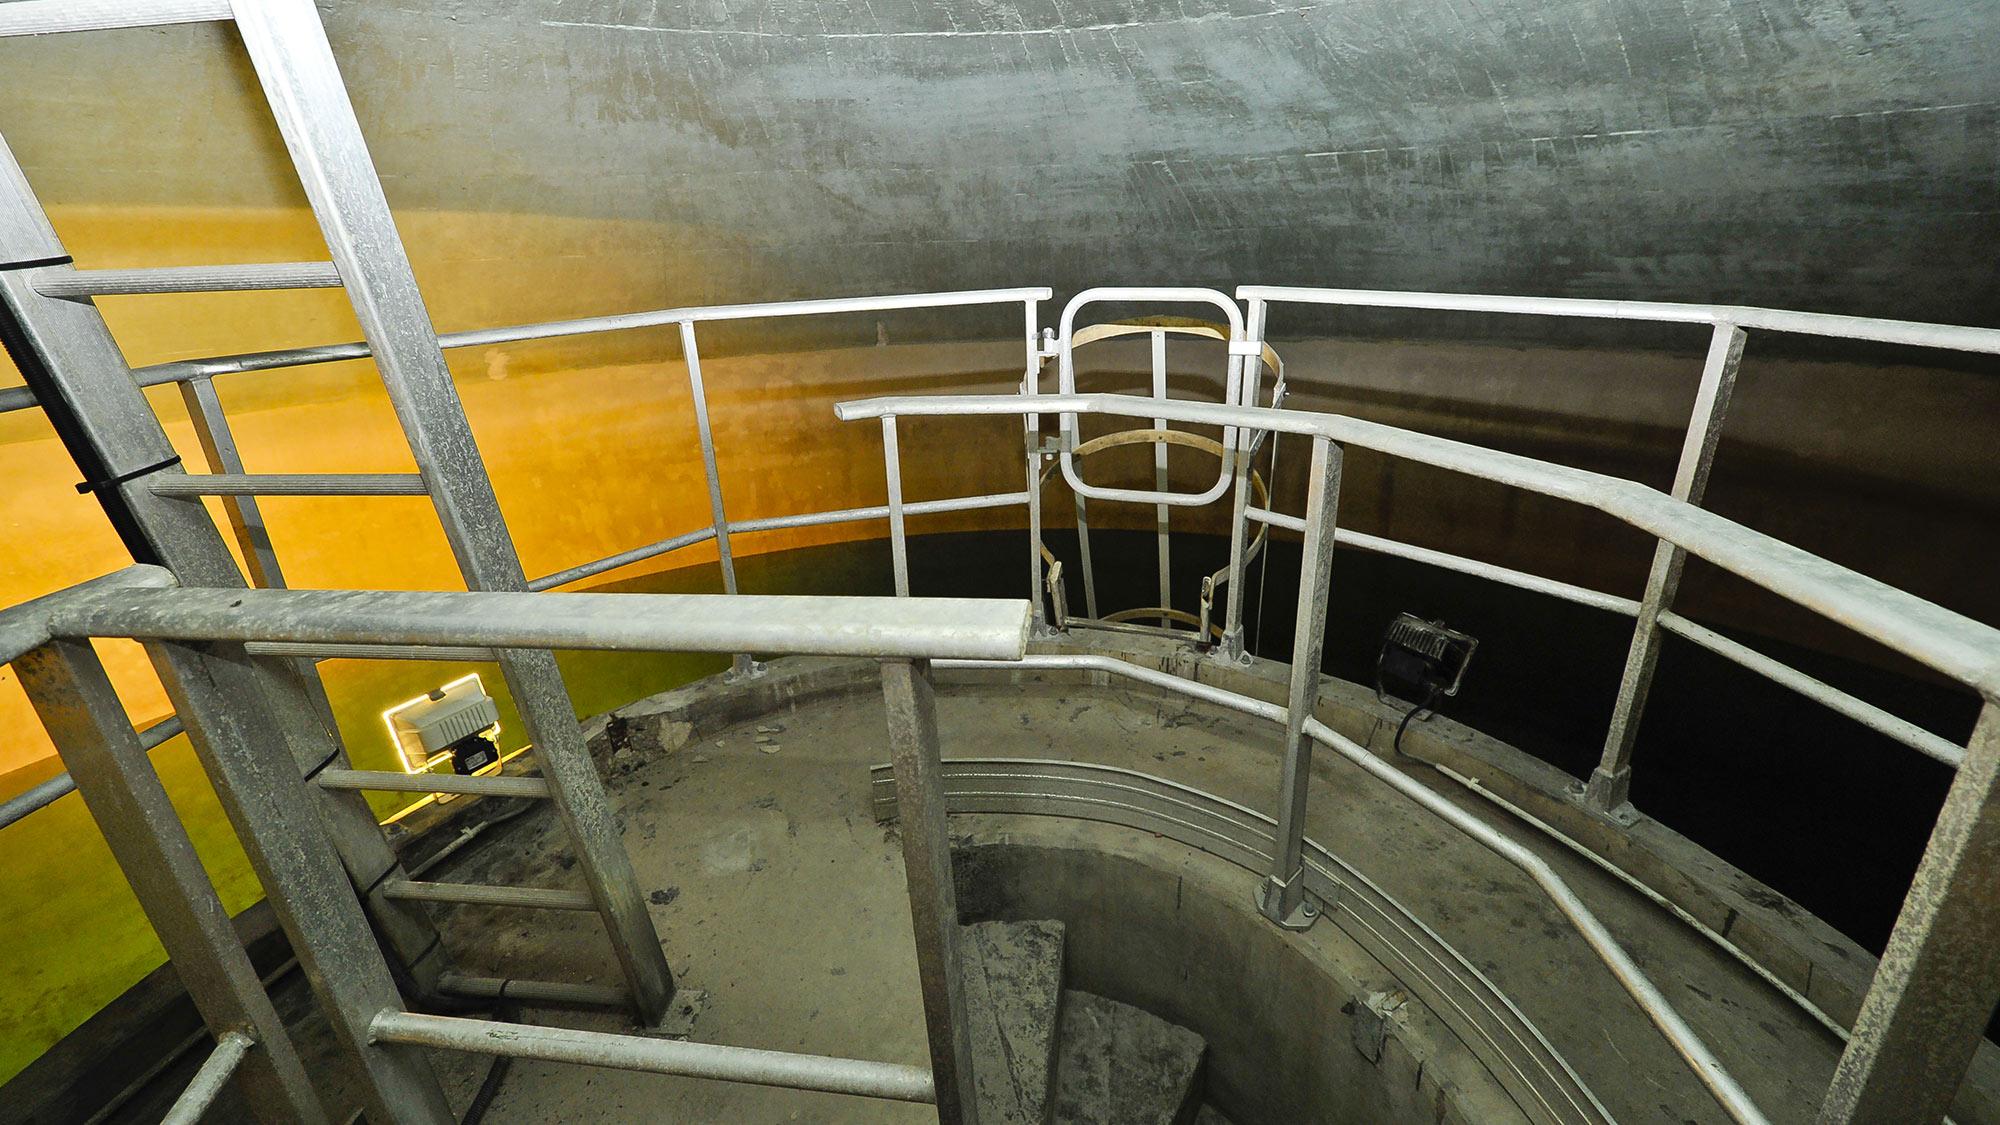 Chateau d'eau pour la distribution d'eau potable